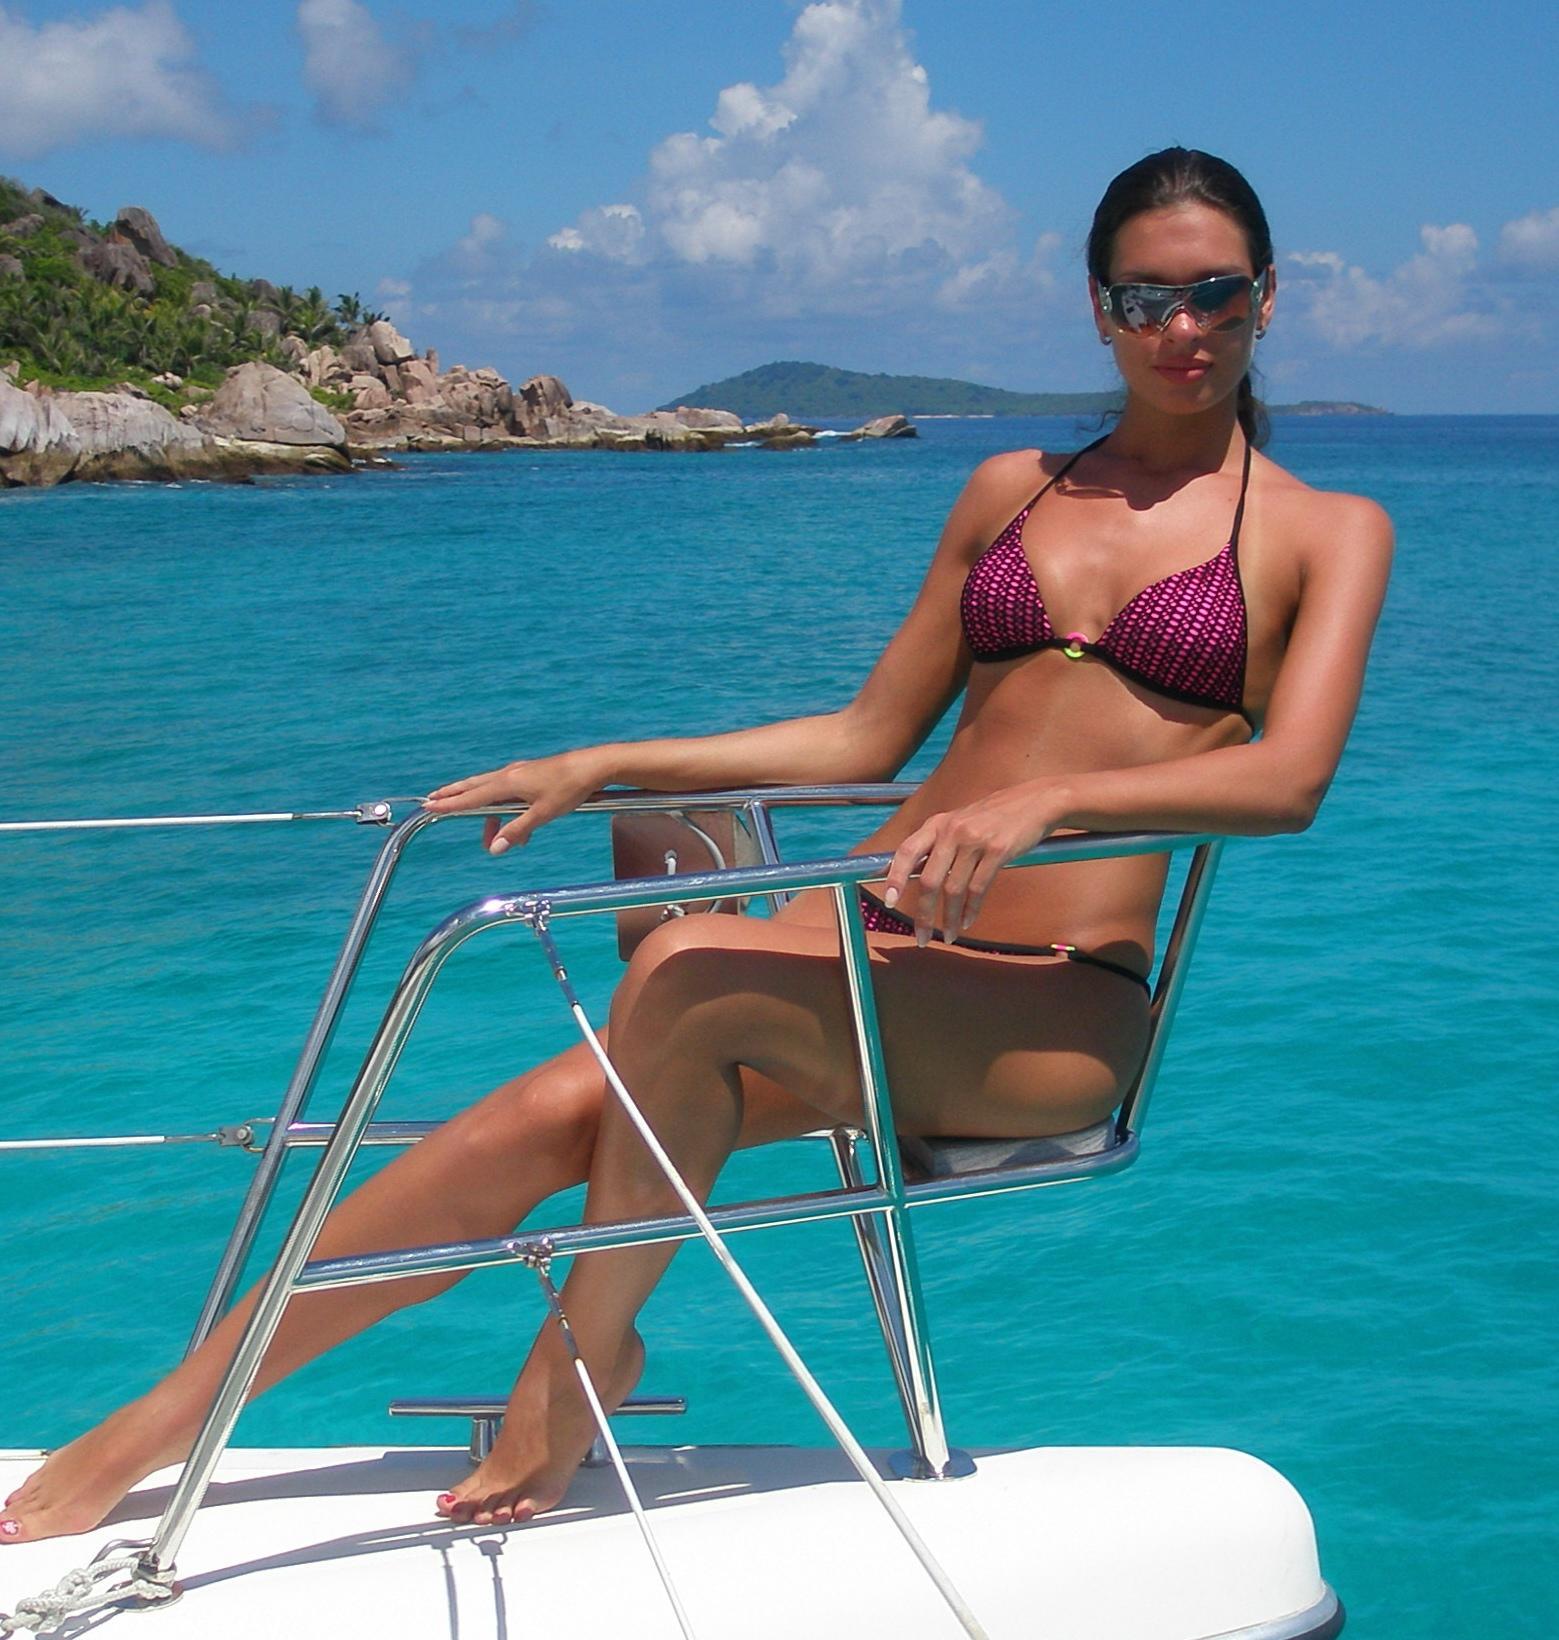 Фото красивых девушек на пляже турции частное 25 фотография